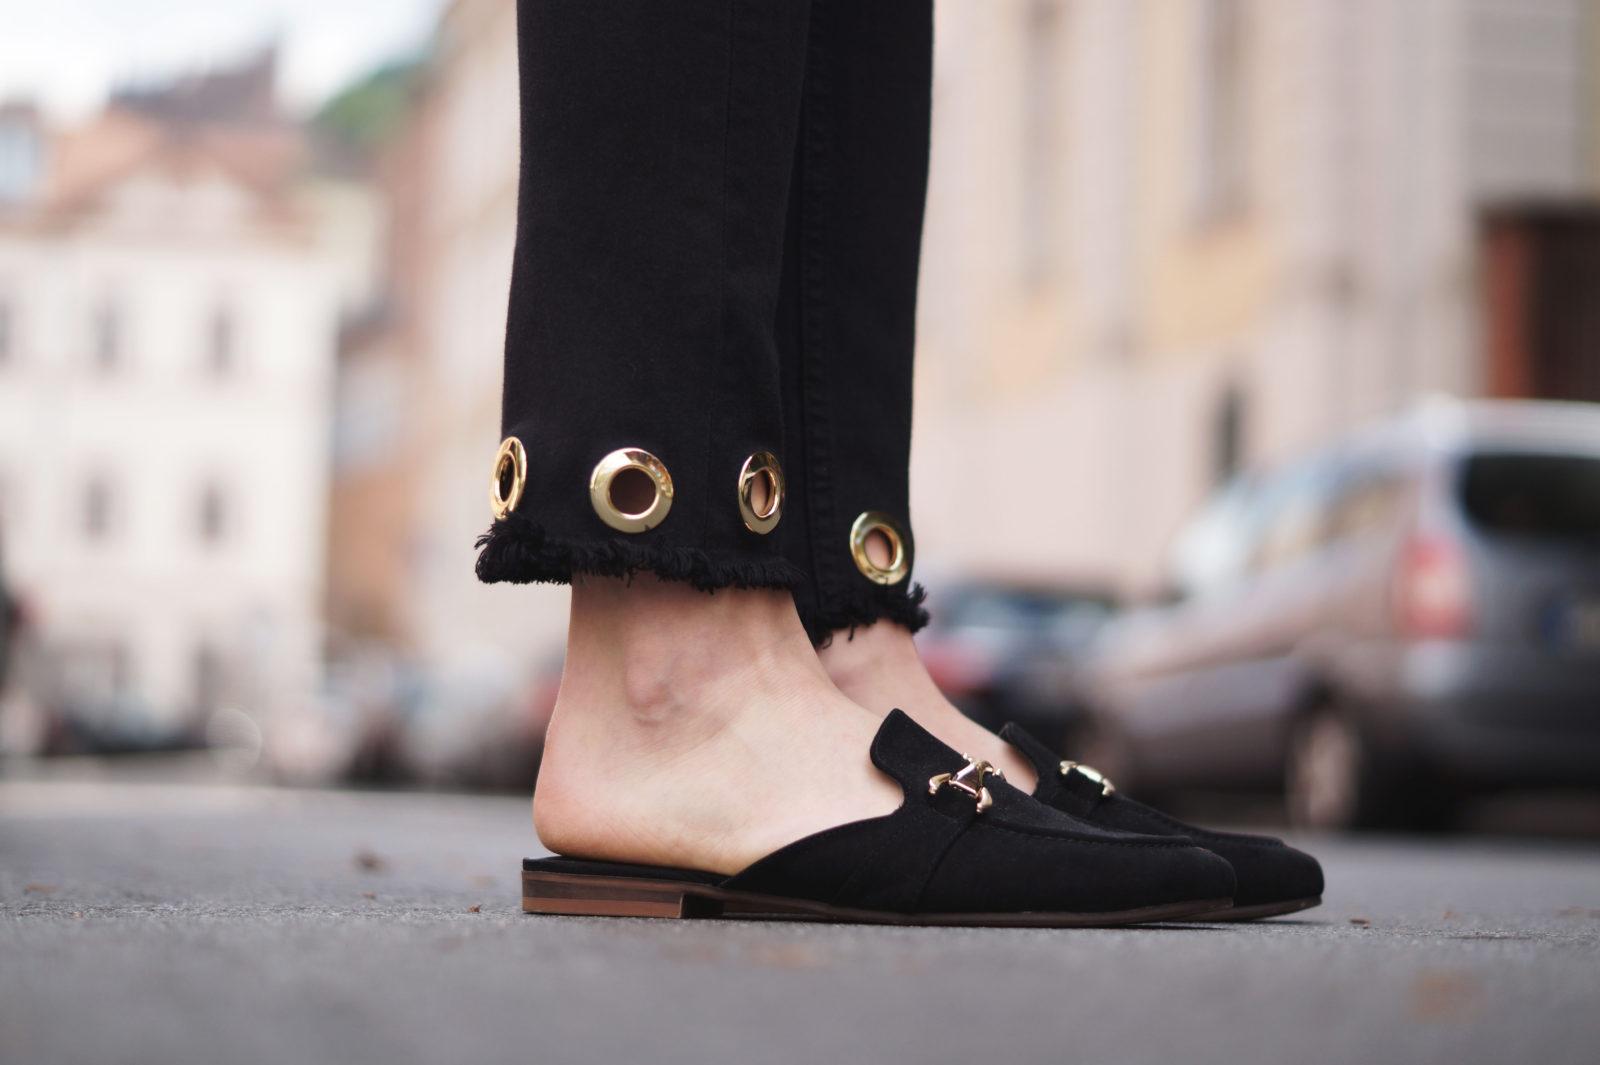 Floral Summer Dress Zara Jumpsuit Black Loafers Pantoletten Sommerkleid Streetstyle Heidelberg Sariety Modeblog Details Schuhe